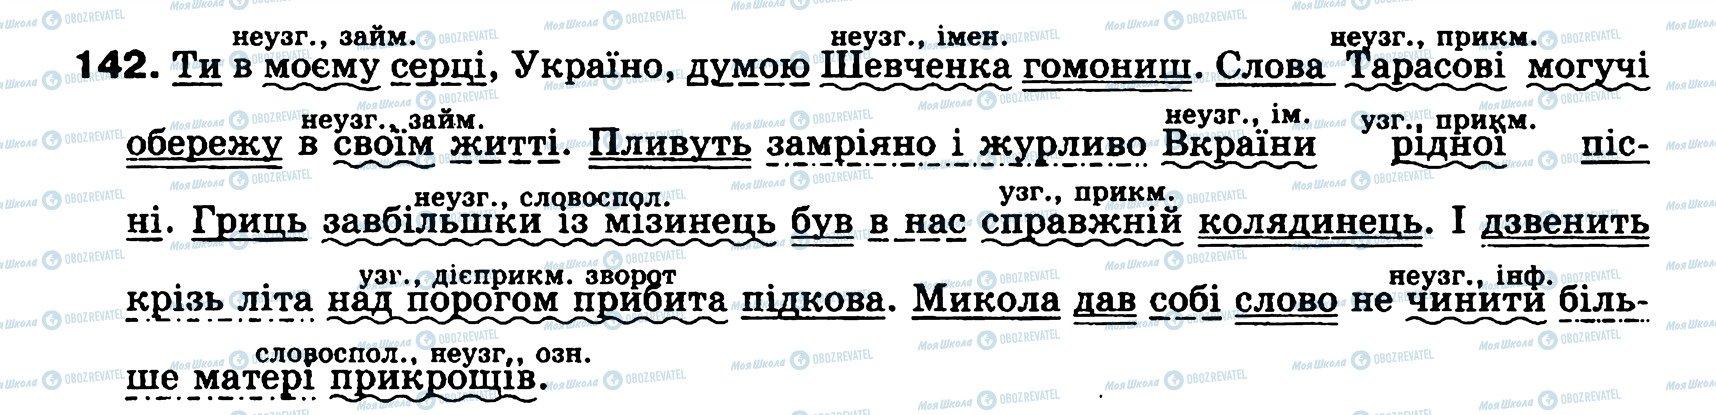 ГДЗ Українська мова 8 клас сторінка 142